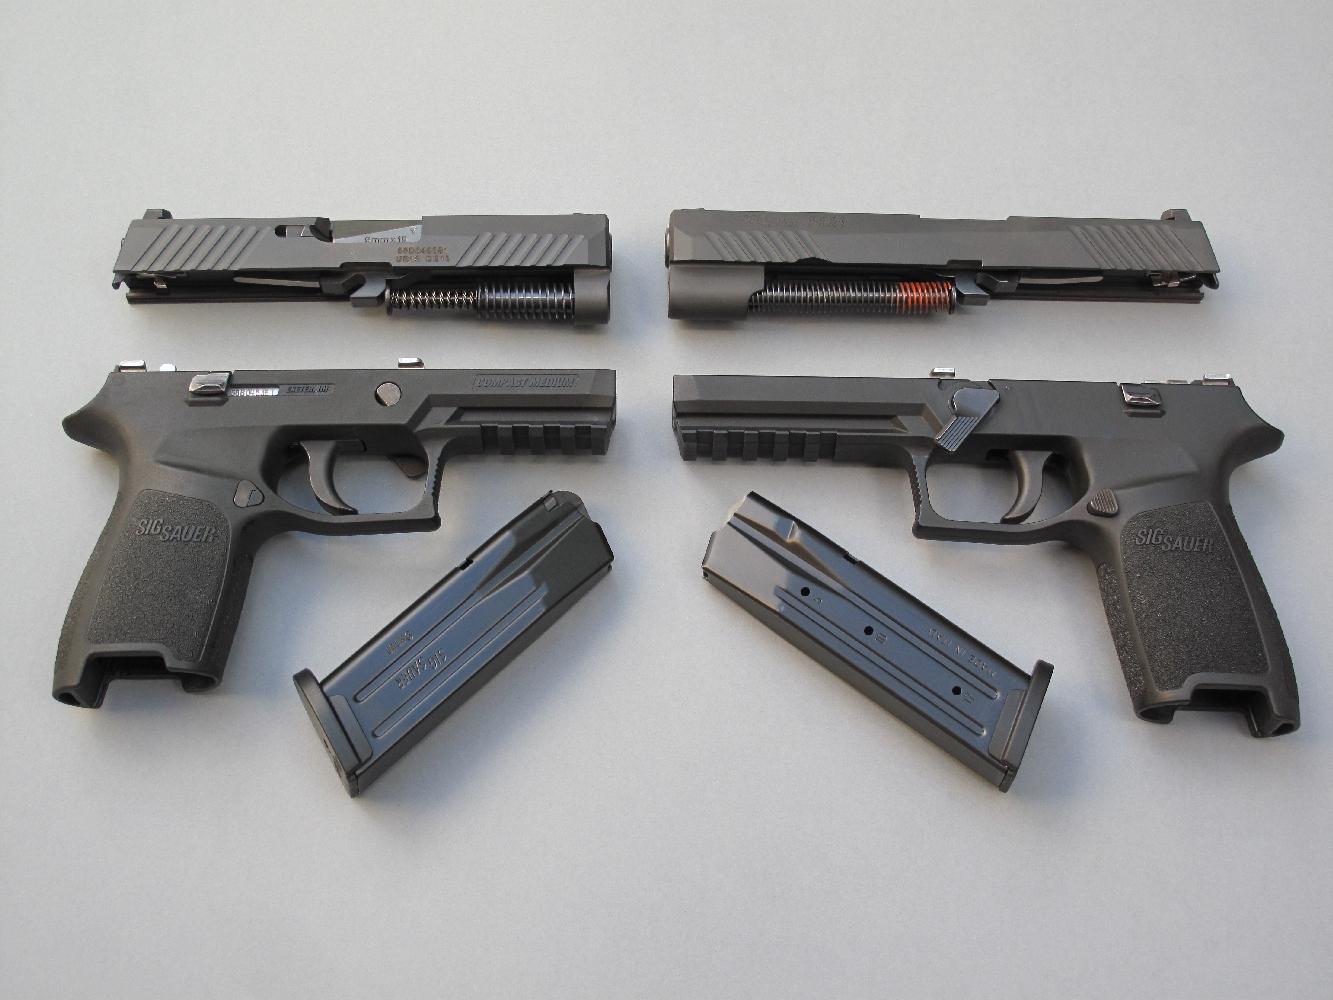 Le démontage sommaire de ces deux modèles P320 peut être réalisé de façon instantanée, grâce au traditionnel levier en acier qu'il suffit de basculer vers le bas pour libérer la culasse à glissière.